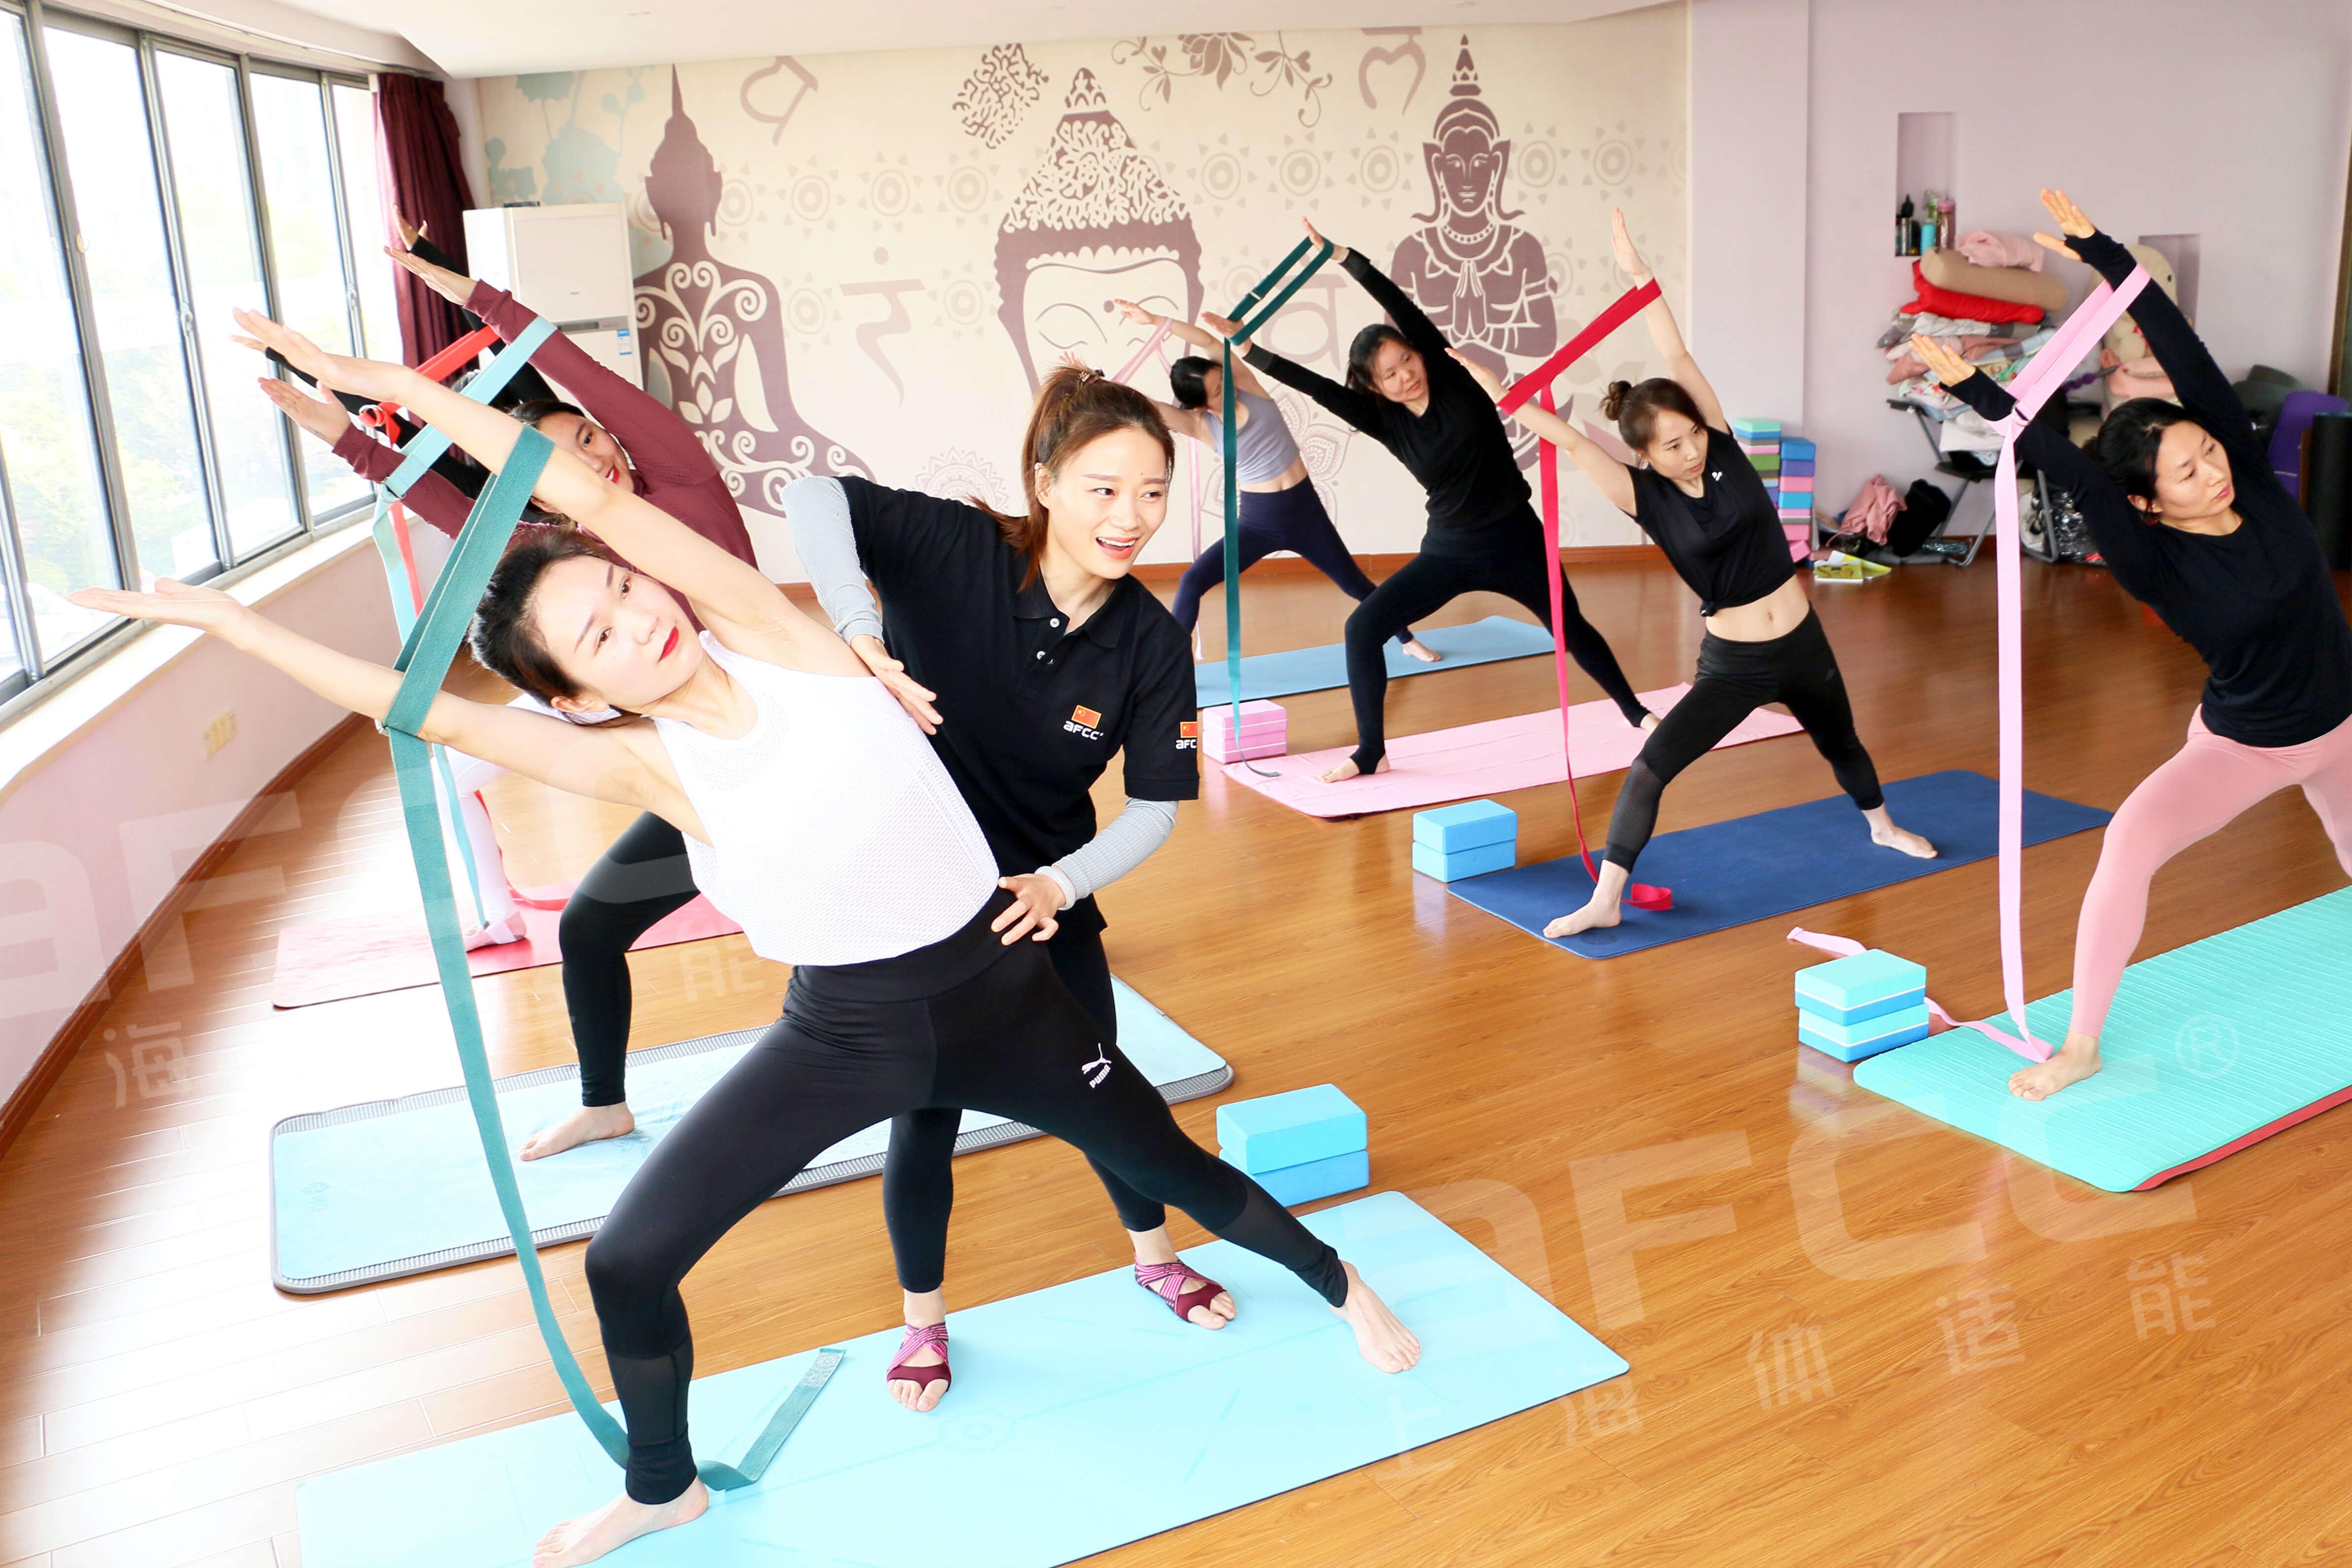 空中瑜伽也成为团操教练学习热门的课程之一